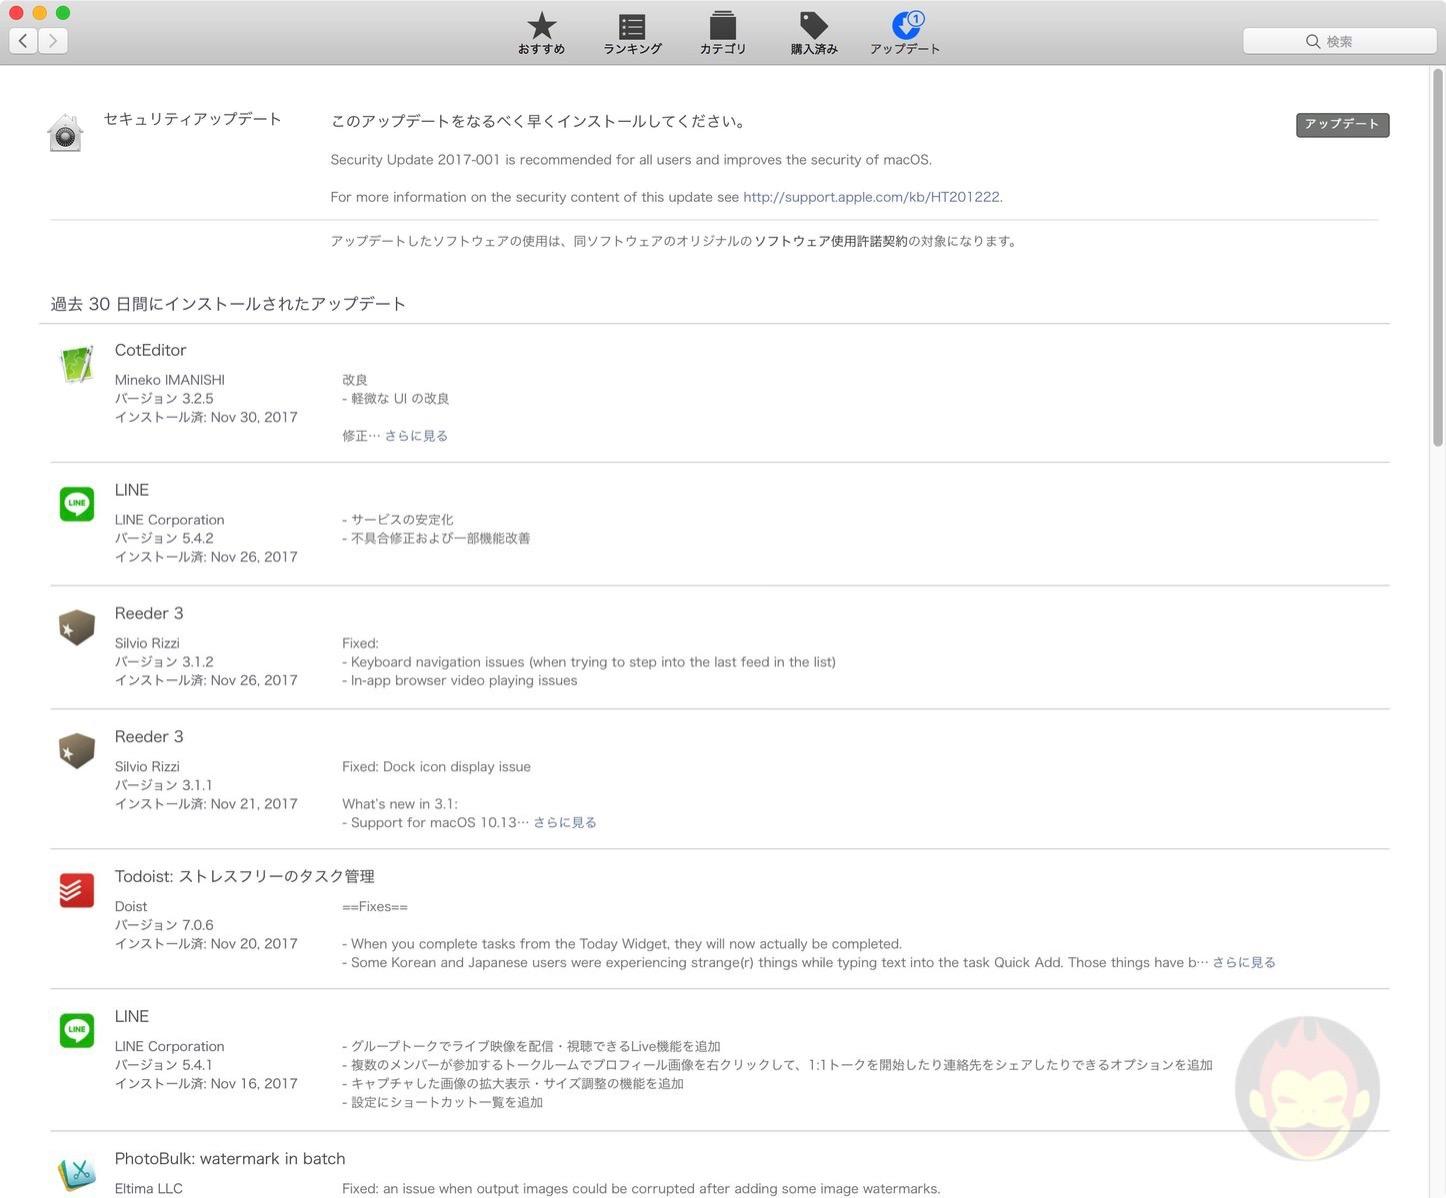 macos-high-sierra-security-update-00.jpg